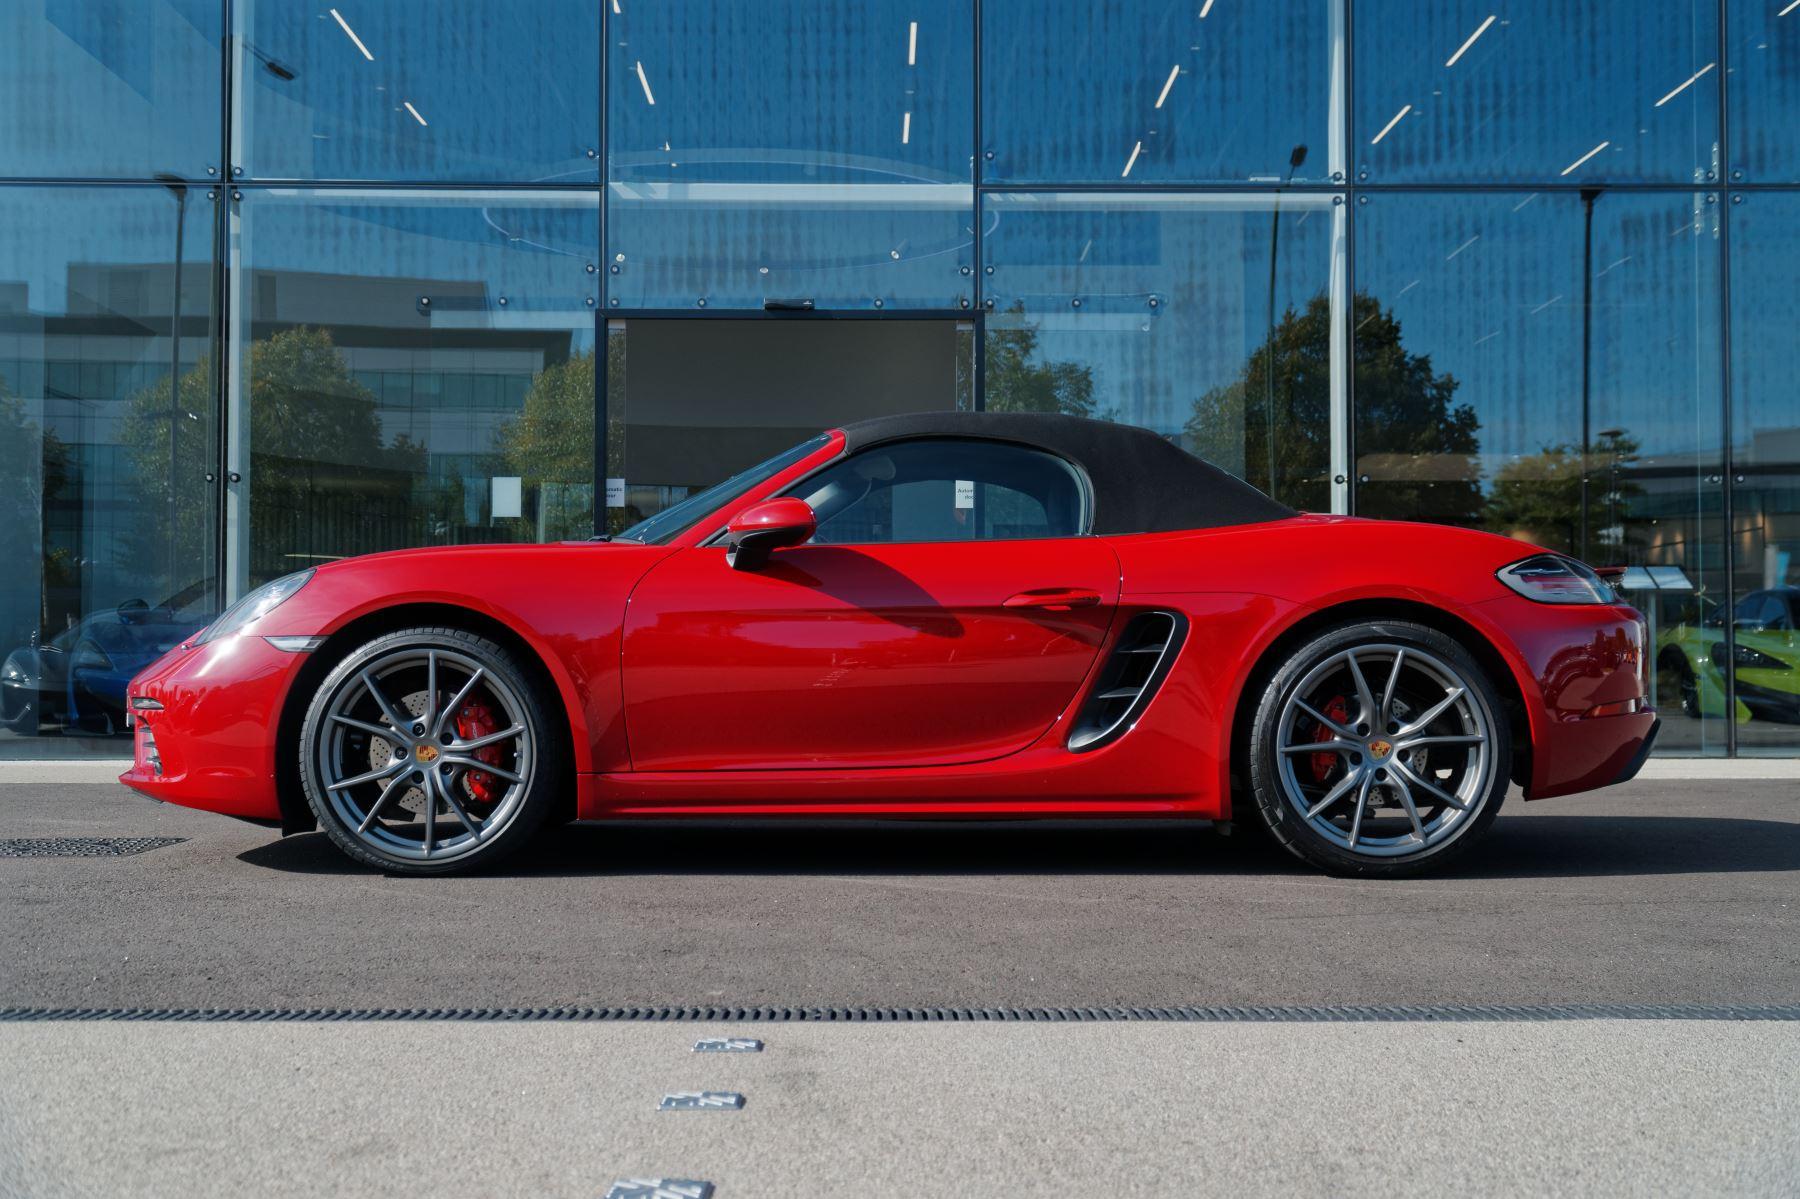 Porsche Boxster S image 3